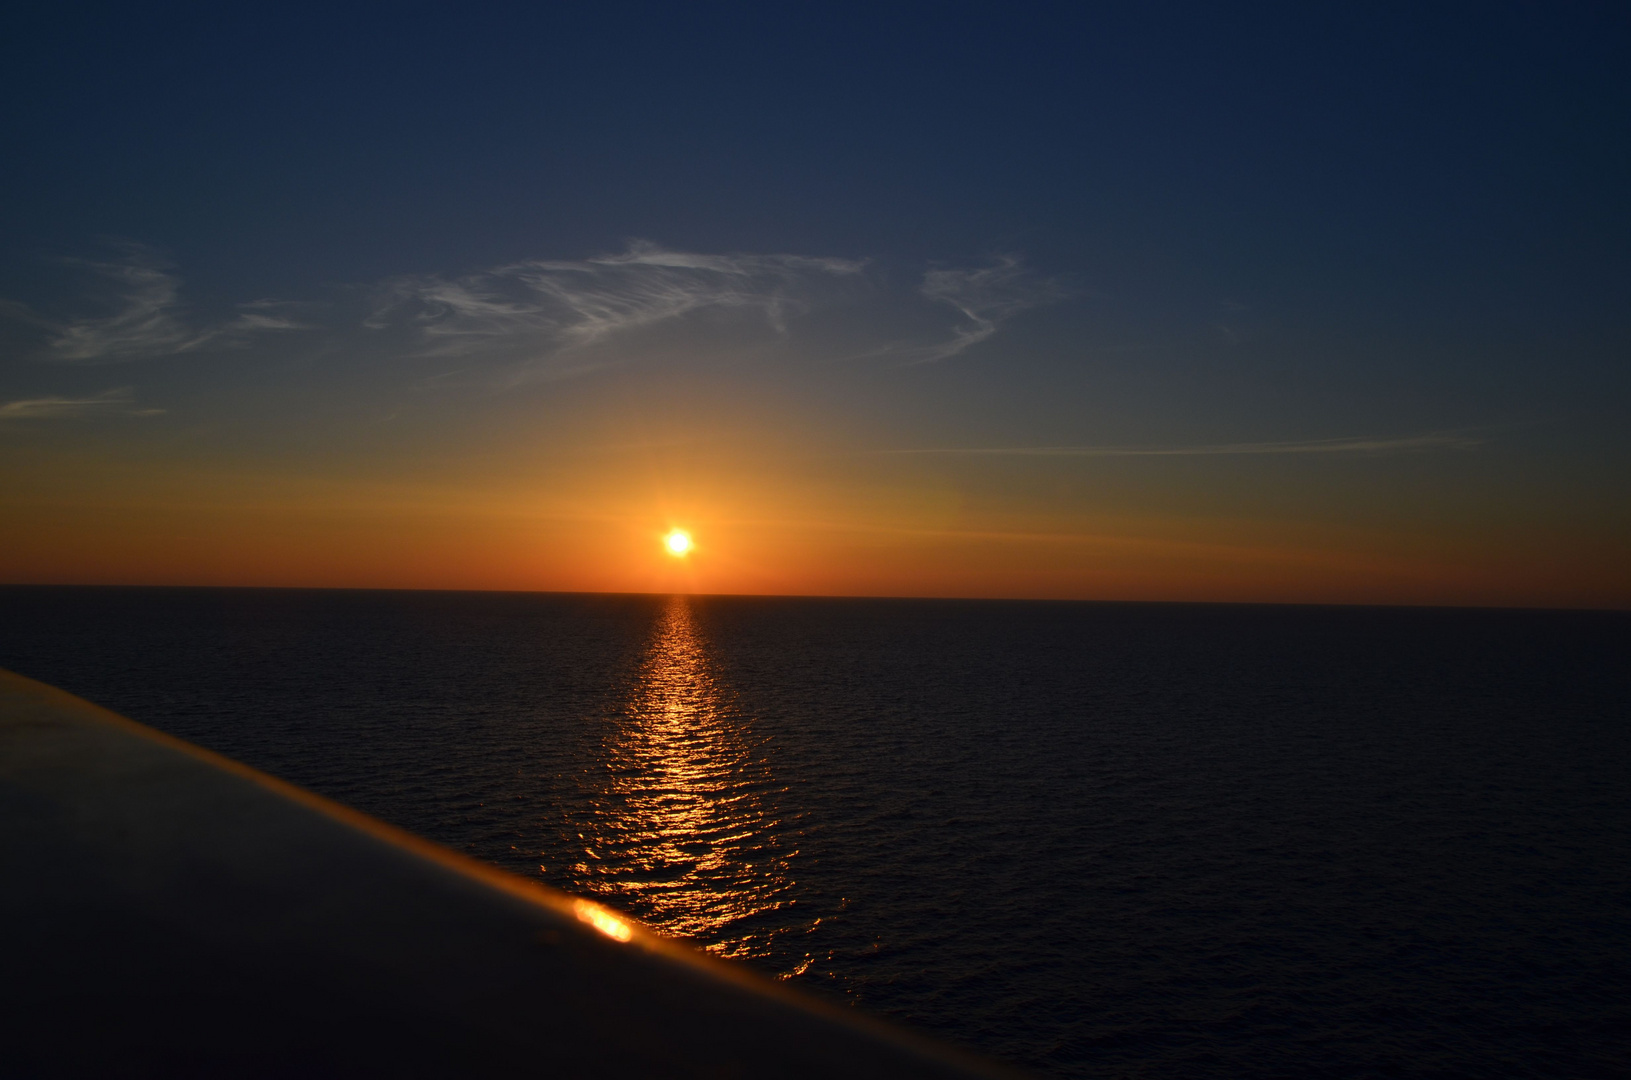 Sonnenuntergang in der Adria.....